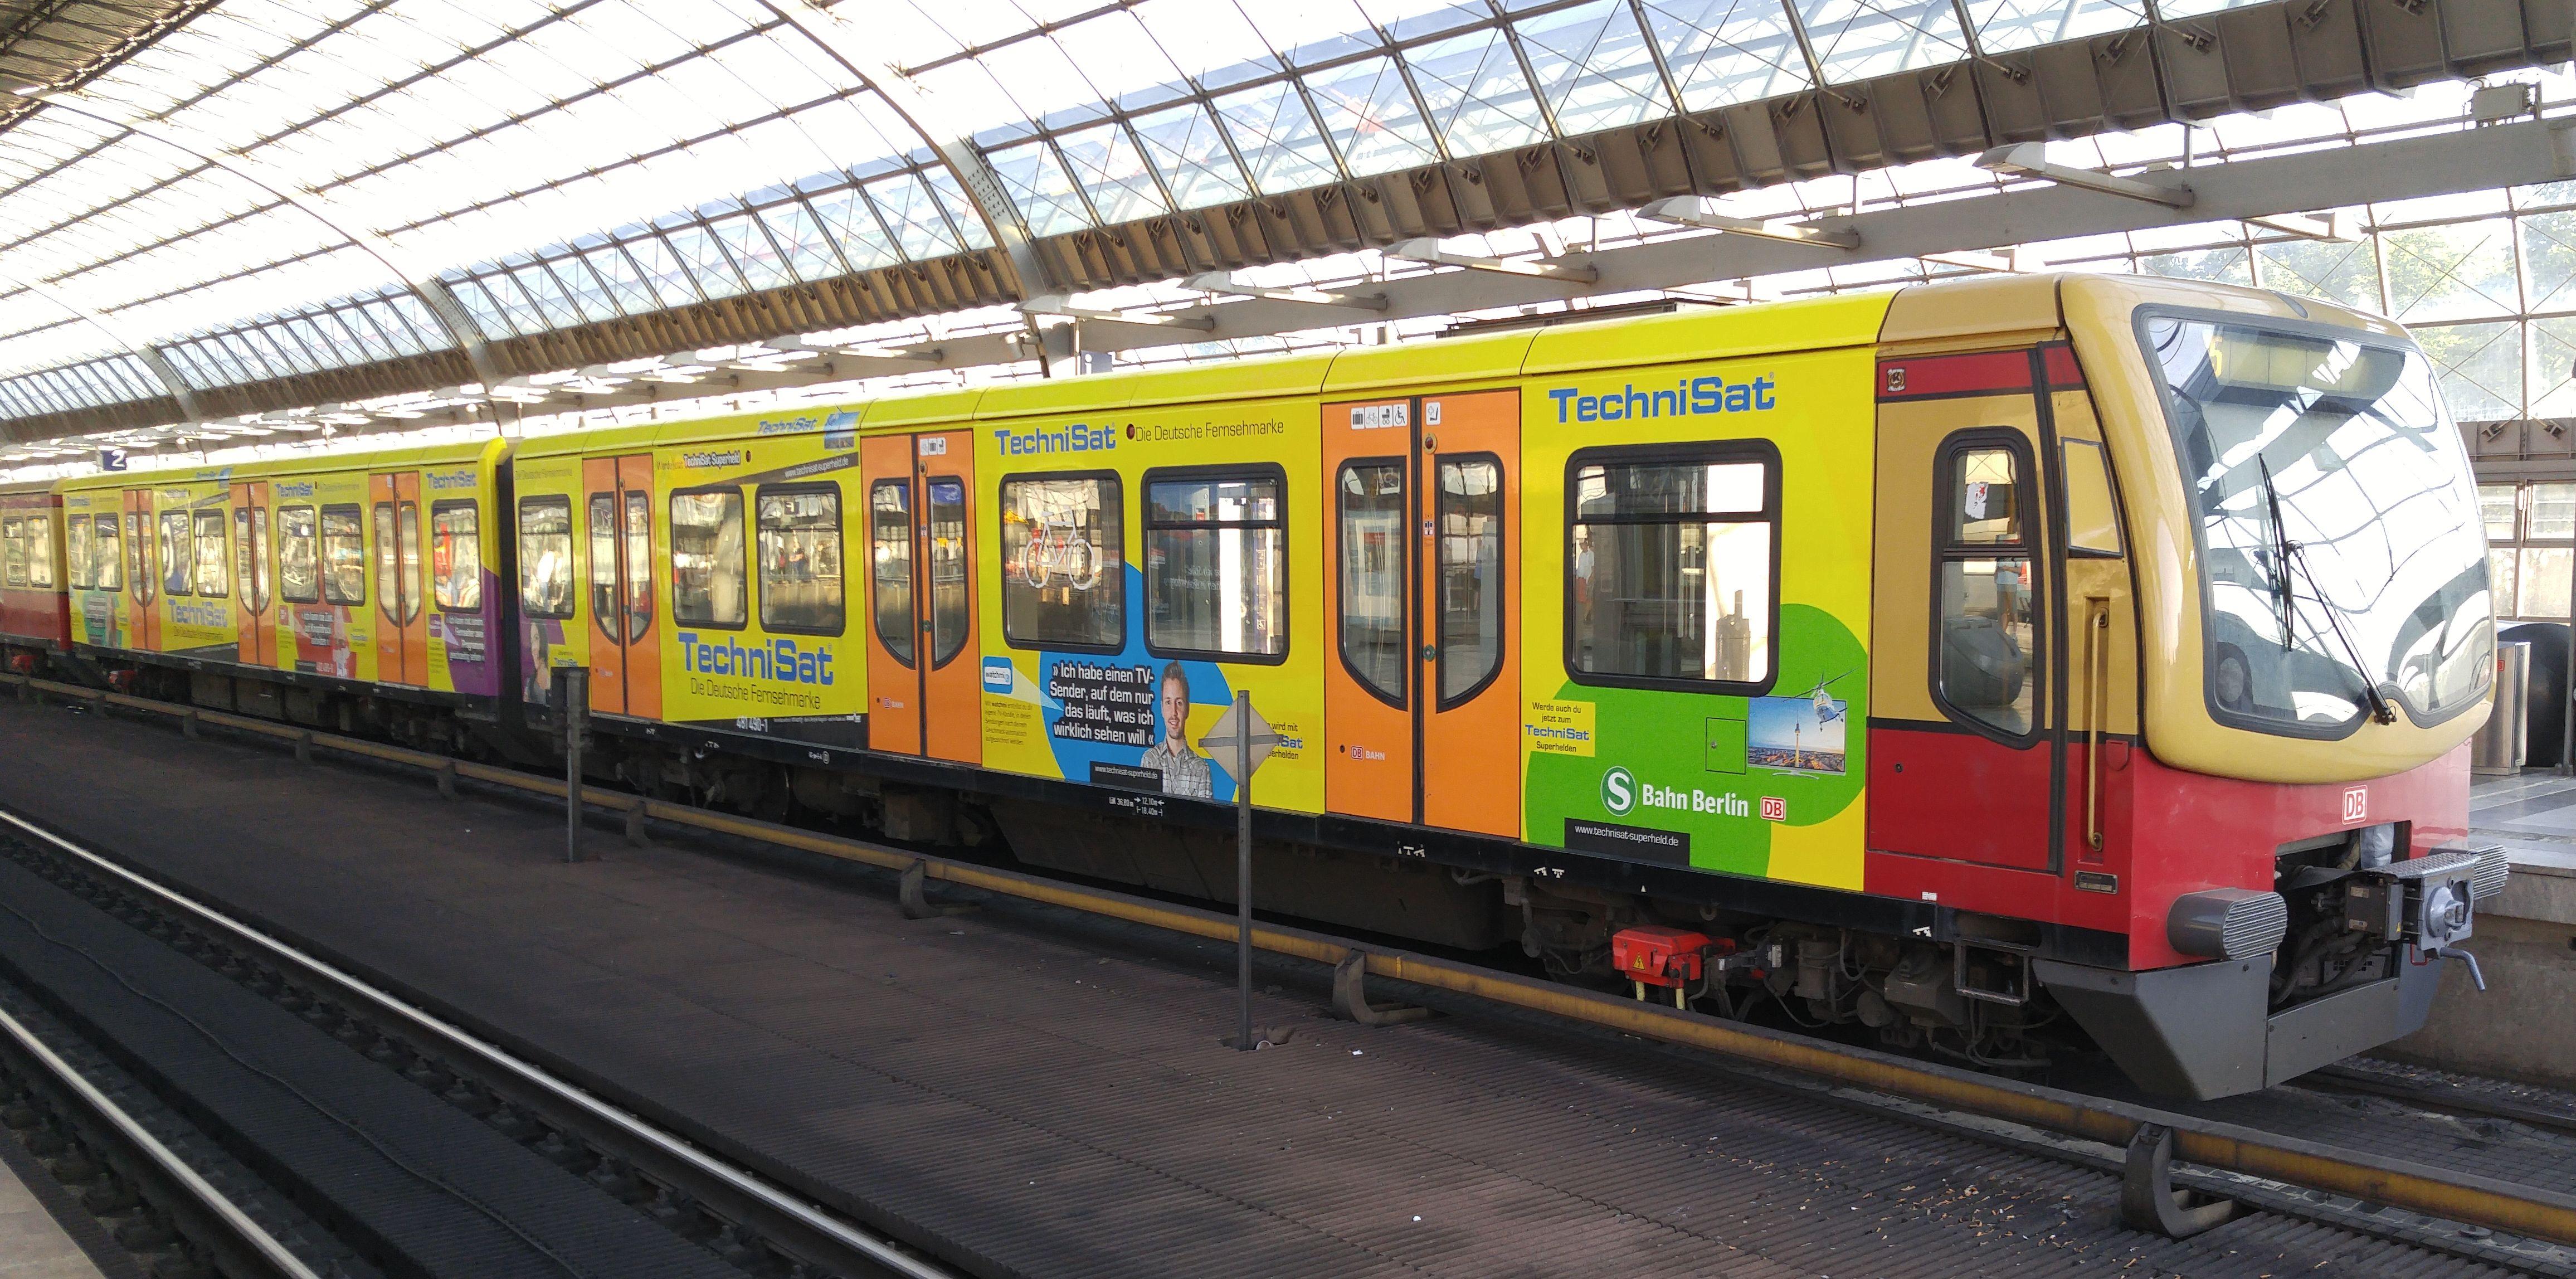 """Foto:S-Bahn 481 490, Baureihe481/482, """"Technisat"""", Spandau, 2017"""